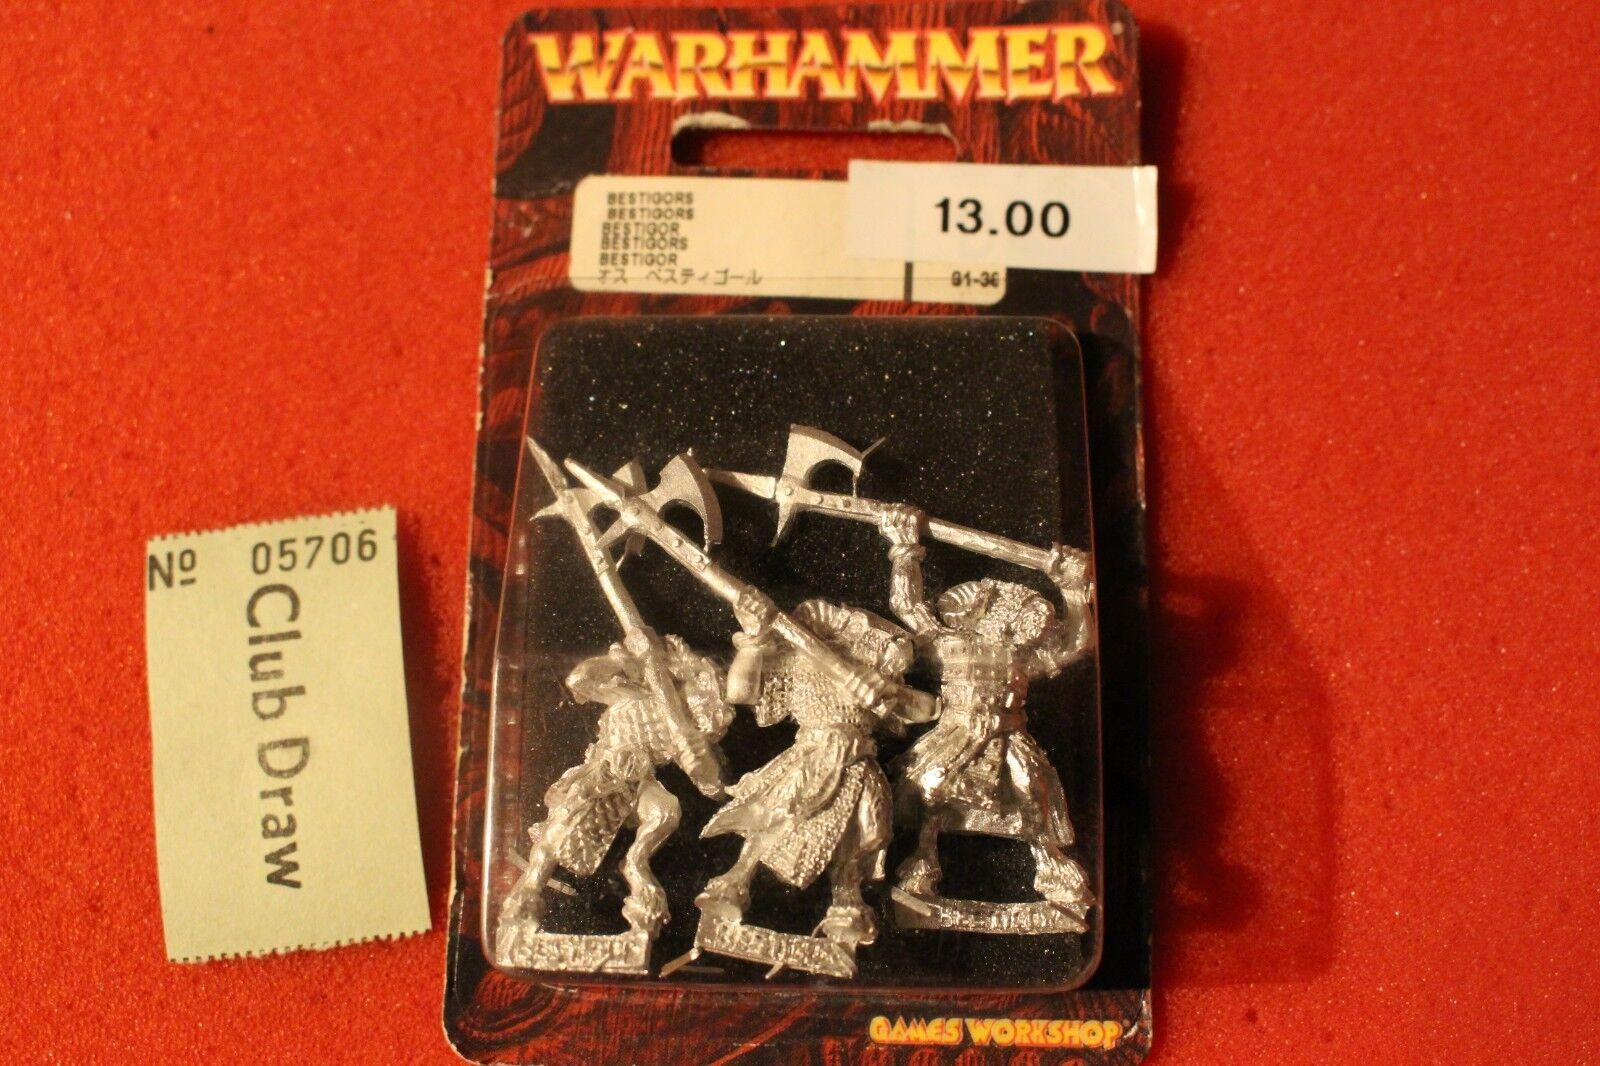 Games Workshop Warhammer Beastmen Bestigors Gors 3x Metal Figures BNIB New OOP